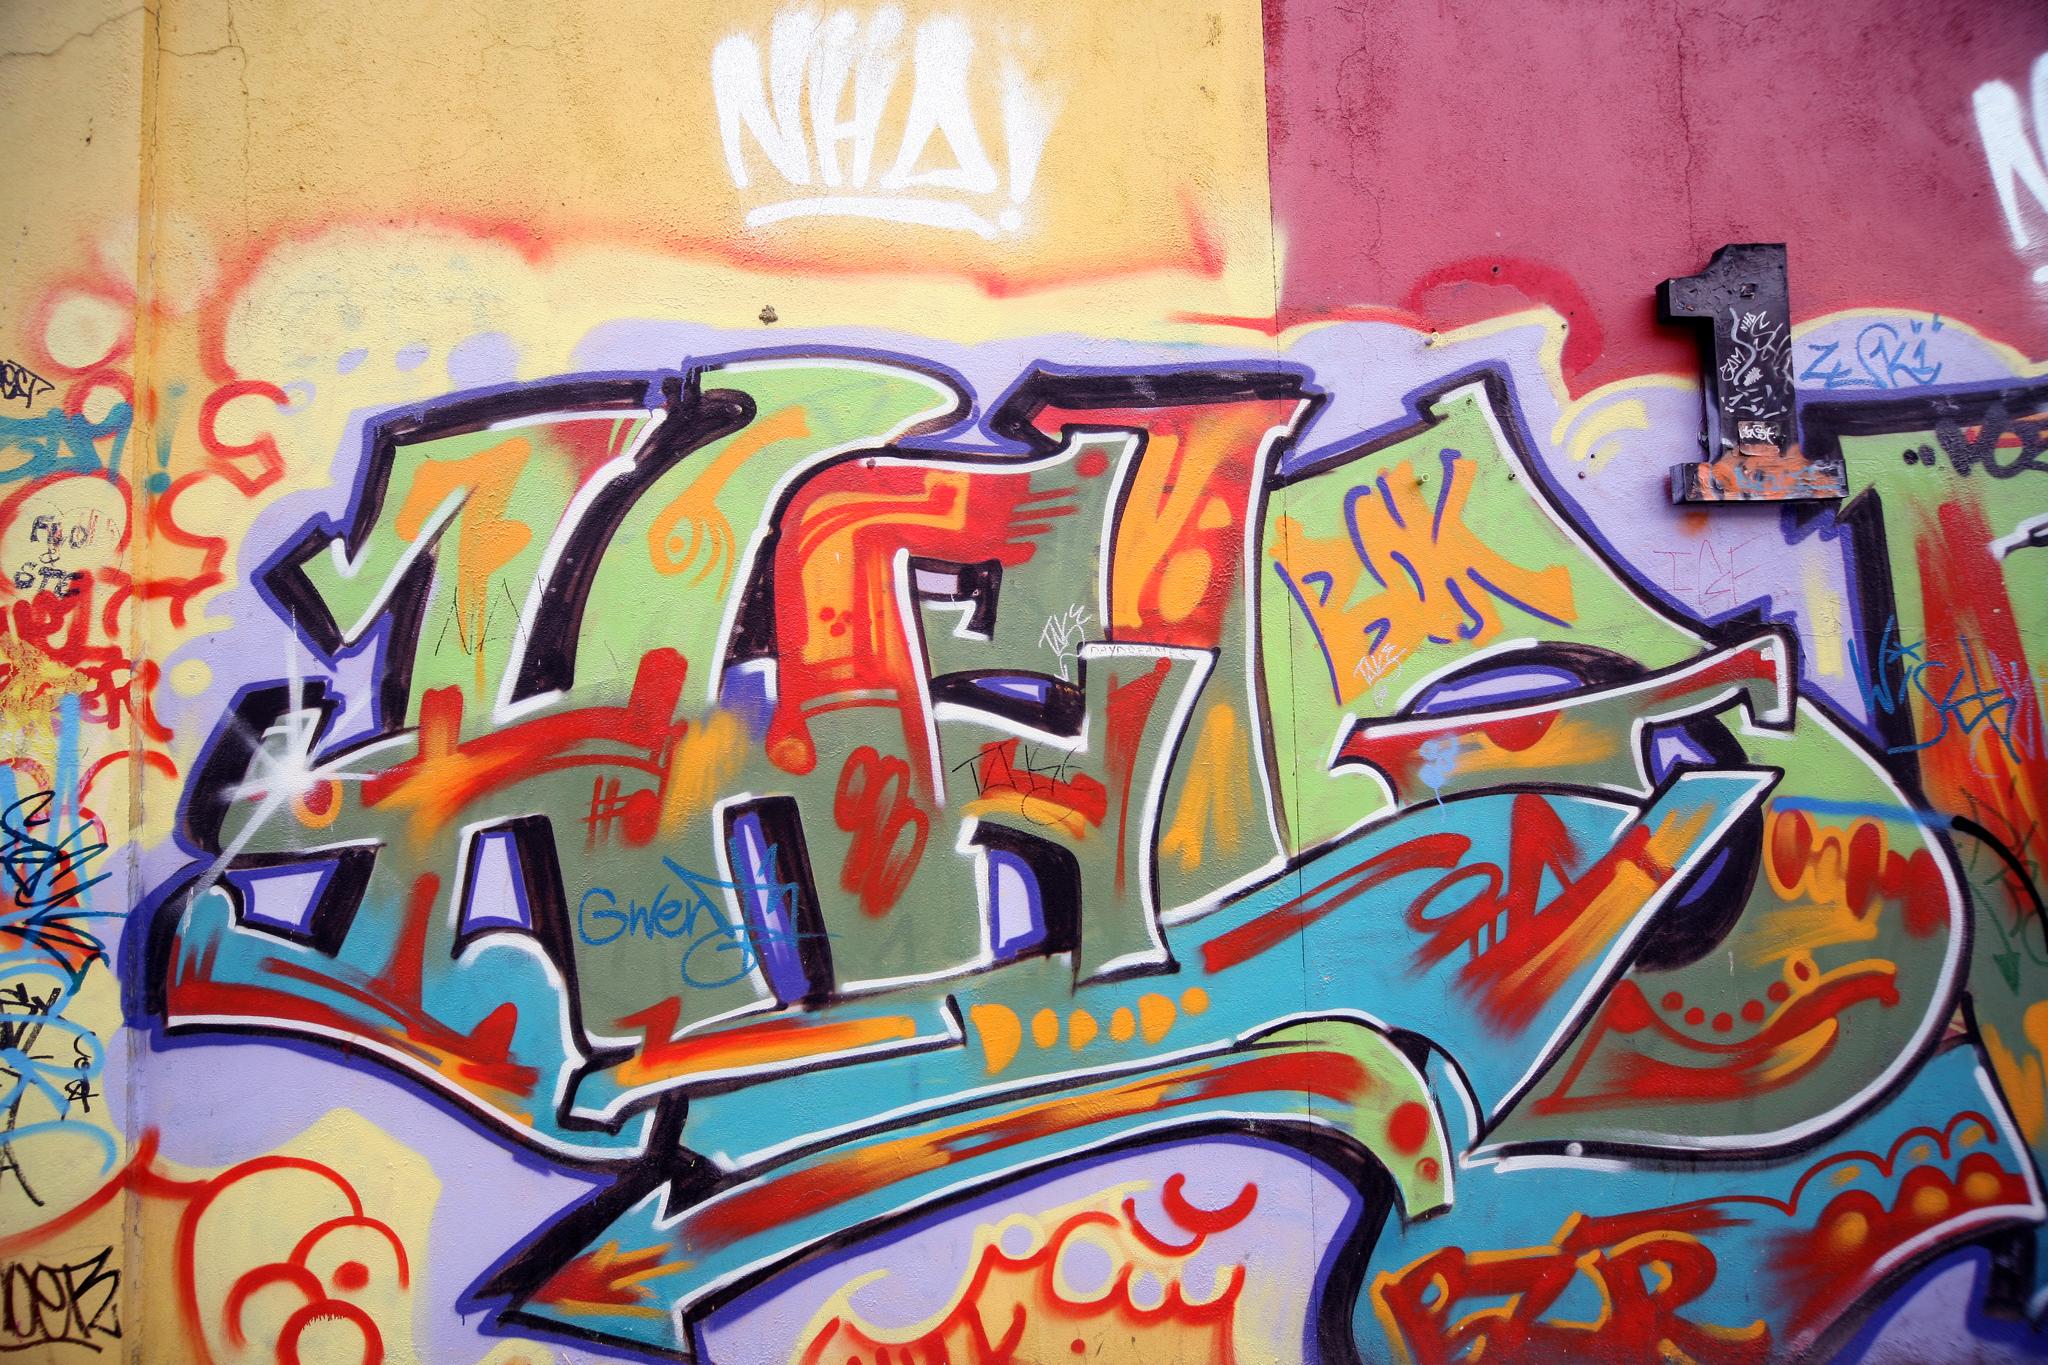 U2 graffiti wall location - U2 Wall